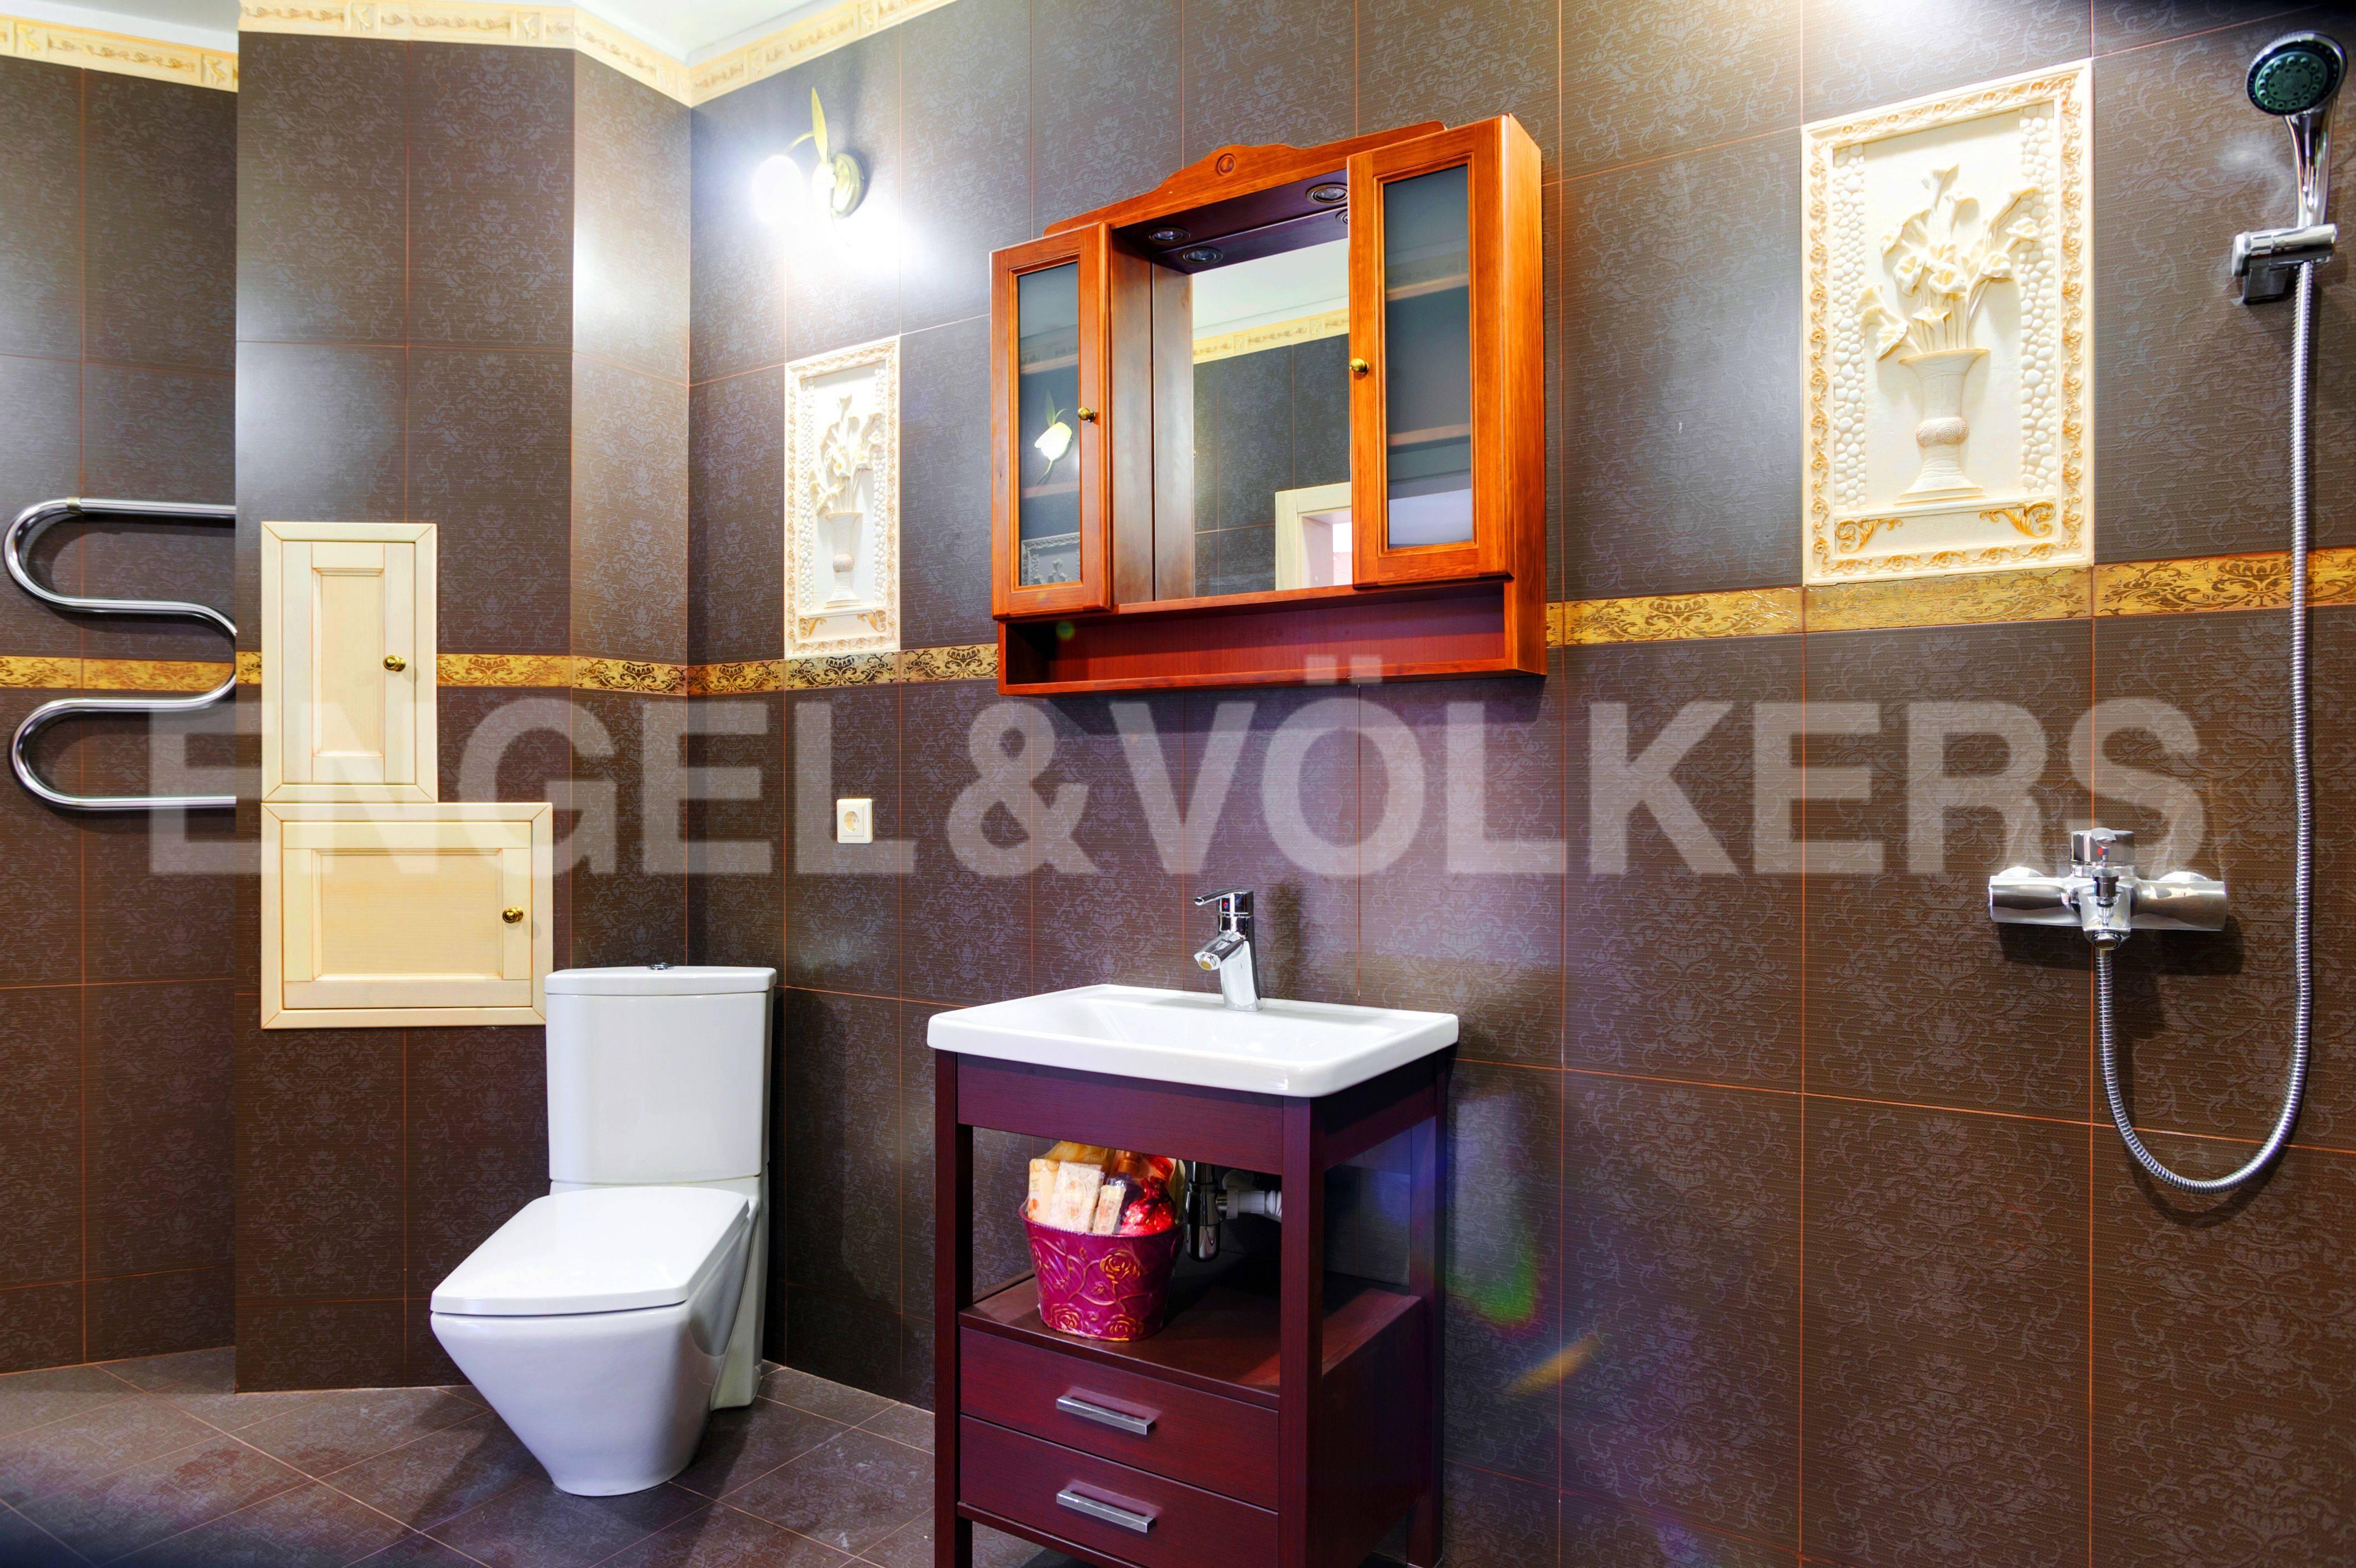 Элитные квартиры в Выборгский р-н. Санкт-Петербург, Большой Сампсониевский пр. 4-6. Ванная комната в спальне